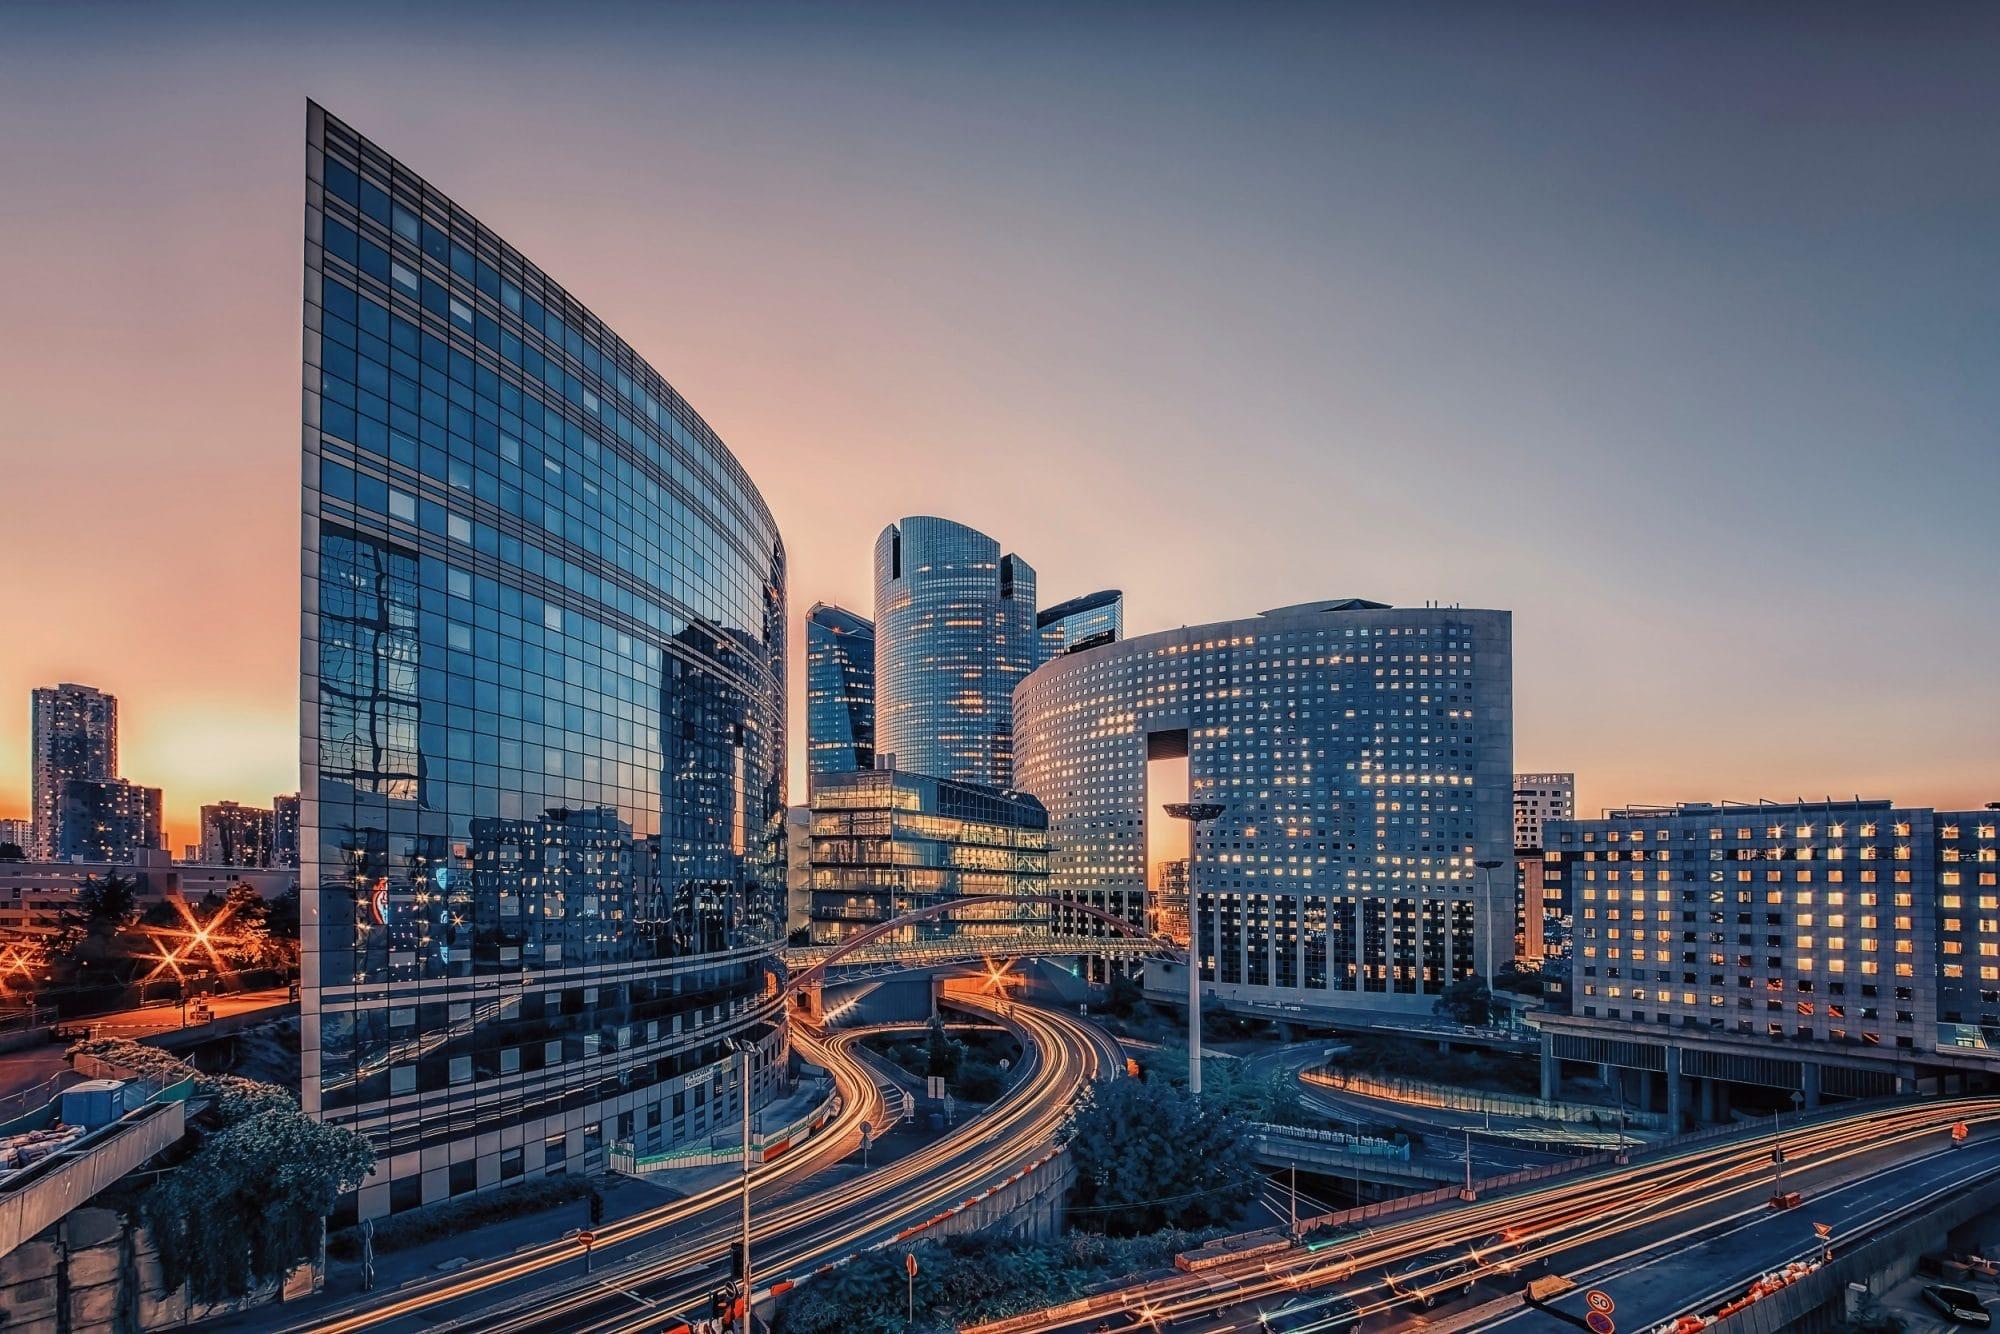 Image d'immeubles d'entreprise dans un quartier d'affaires